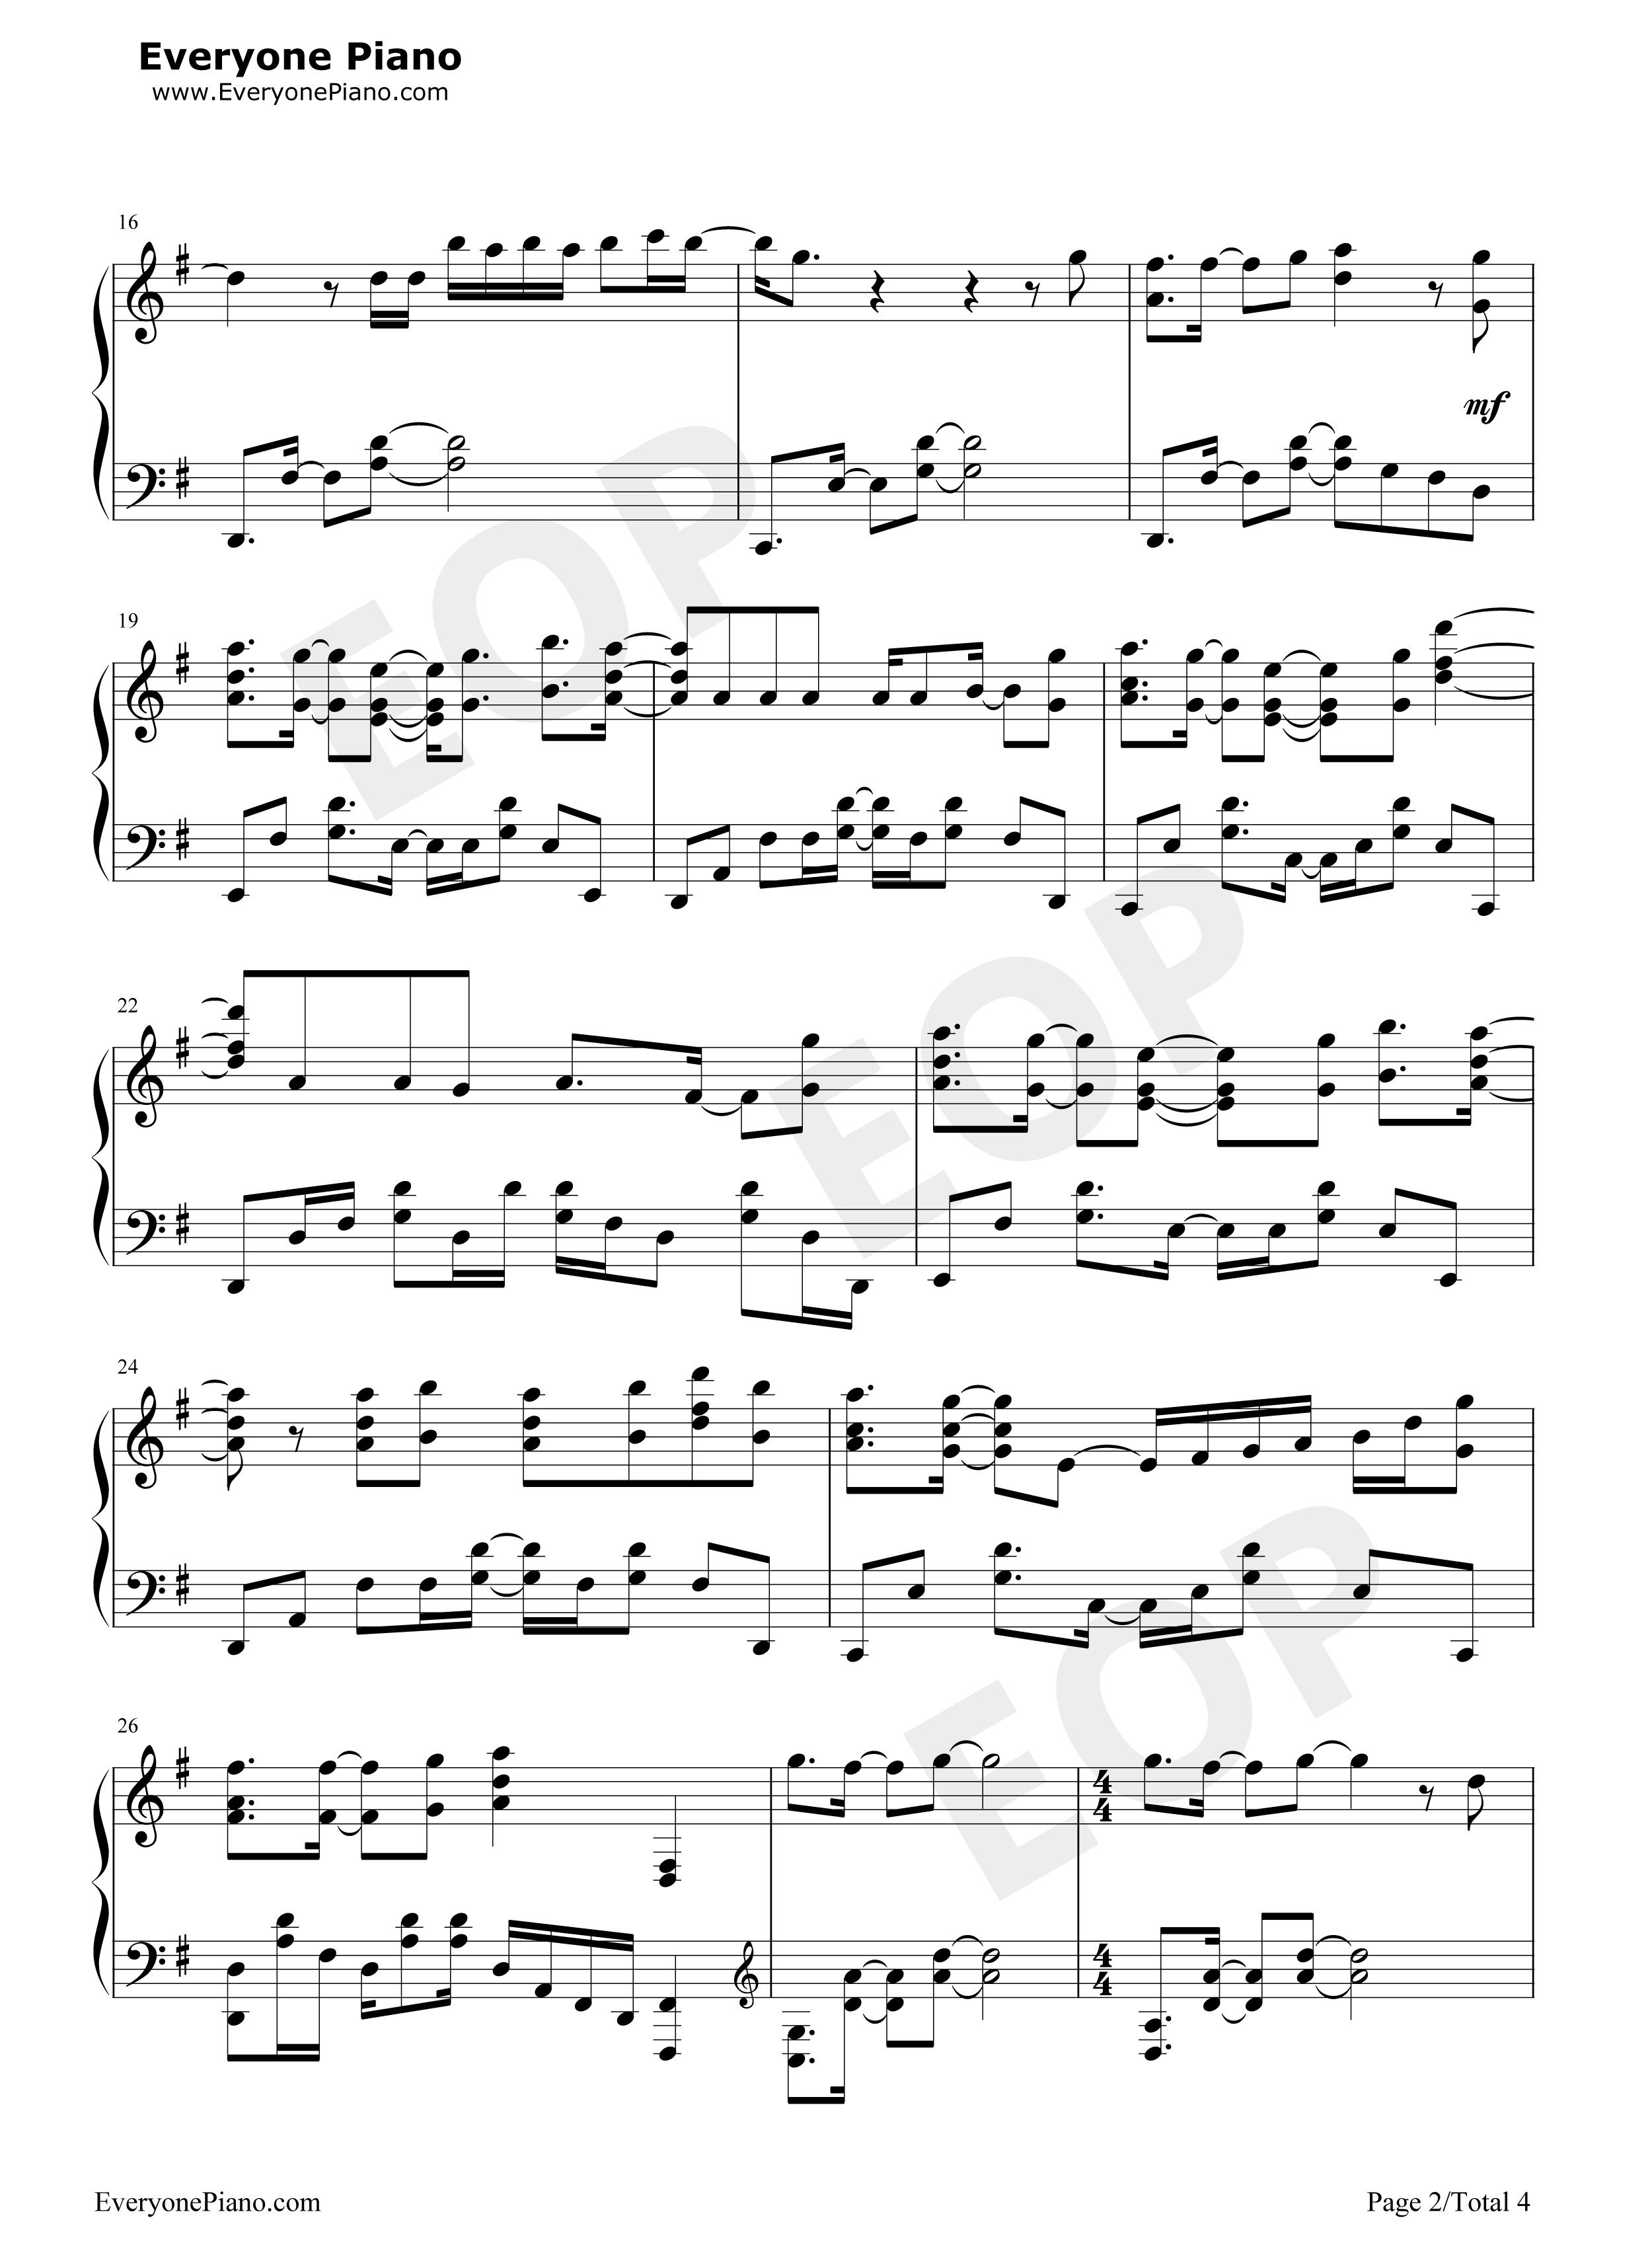 紅蓮華 鬼滅の刃op五線譜プレビュー 楽譜 五線譜 無料楽譜